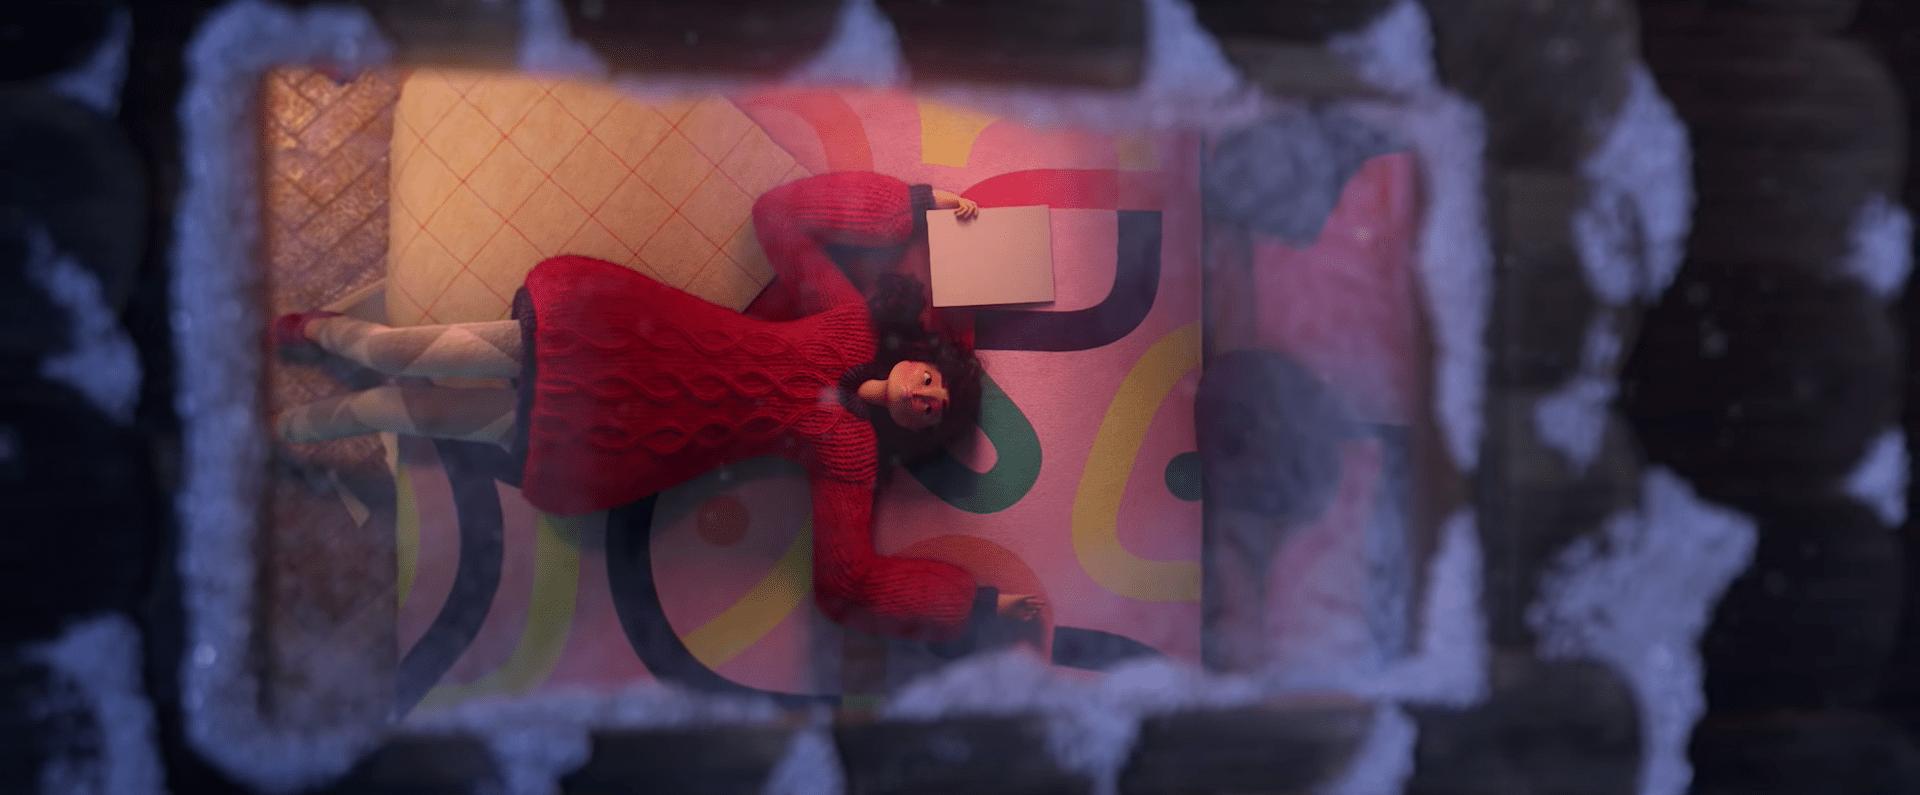 Lagrimita mil: Checa el nuevo comercial navideño de Apple al estilo Pixar